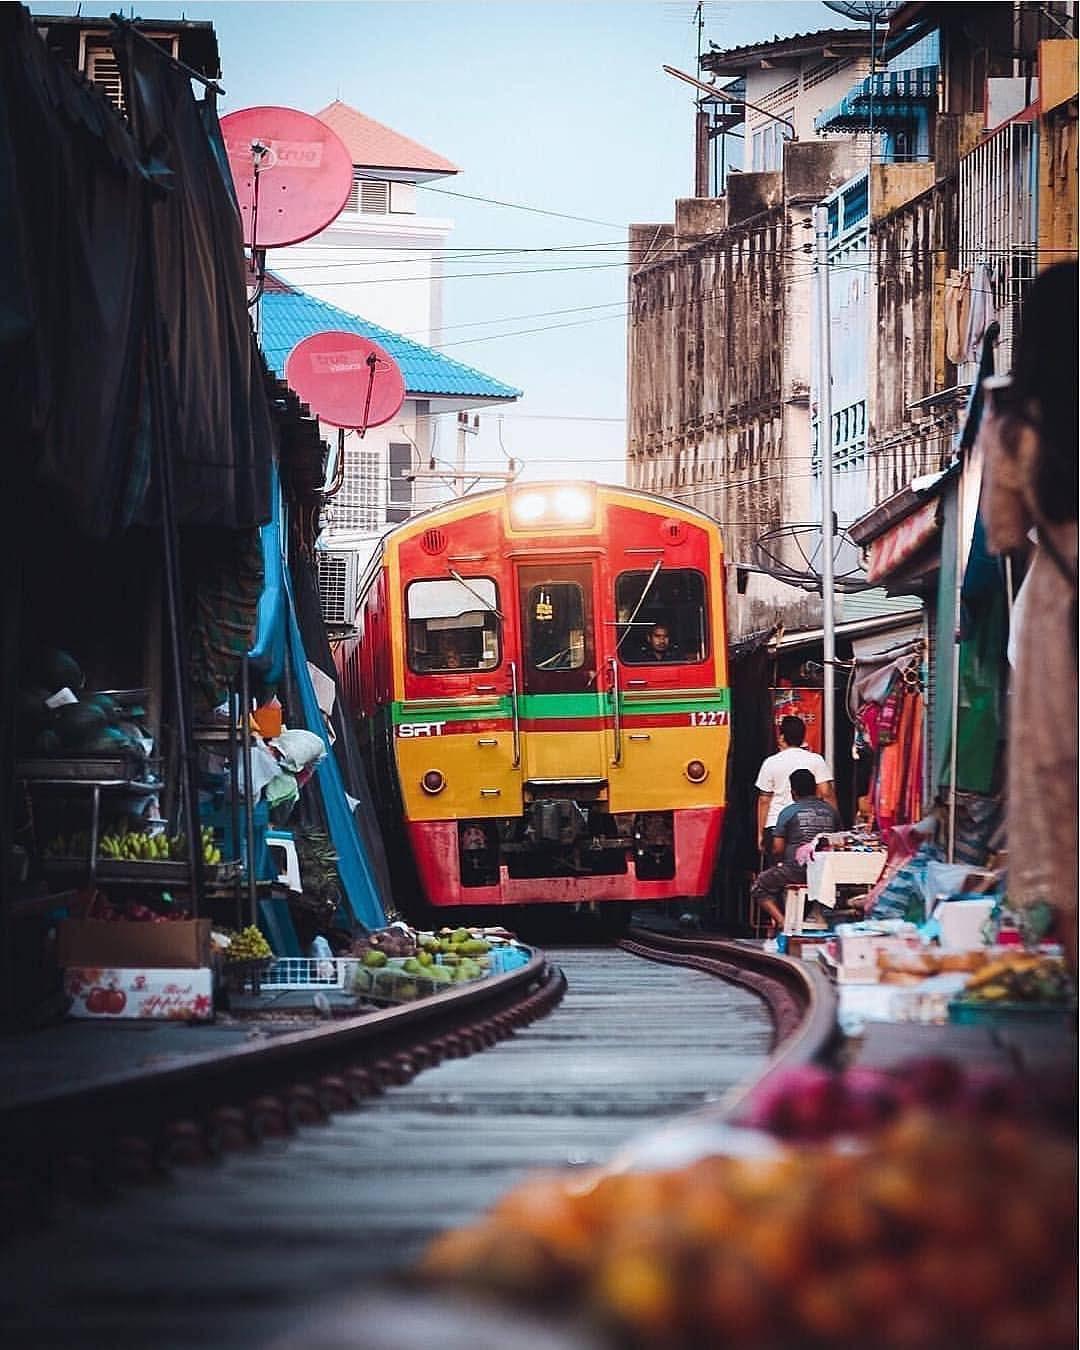 Đã dò ra đường đến khu chợ đường ray độc nhất vô nhị nằm ở ngoại ô Bangkok - Ảnh 7.